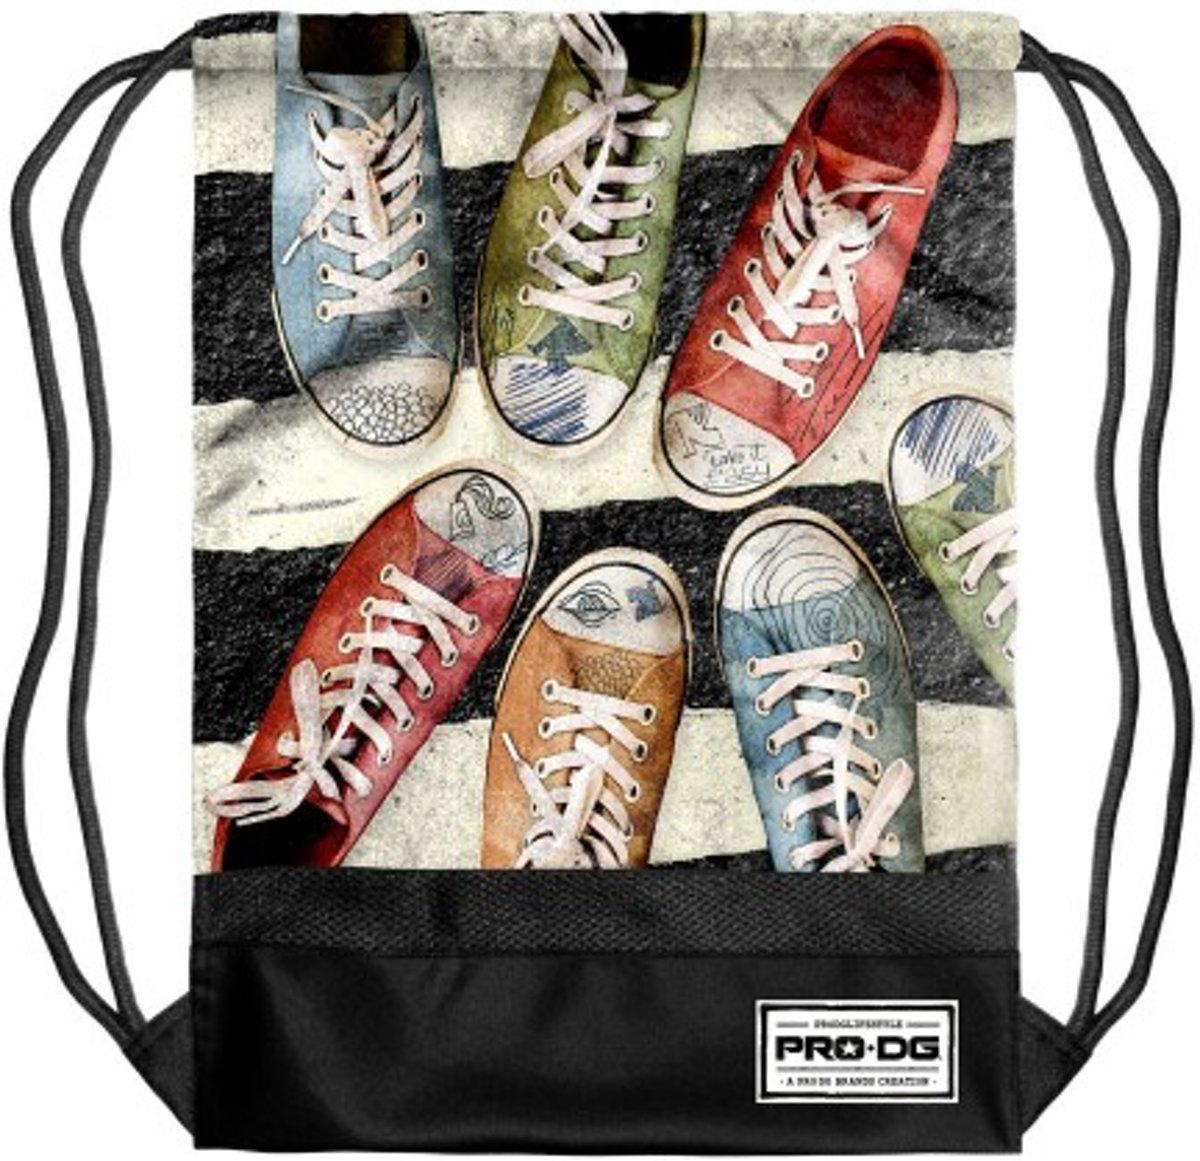 Pro-DG Storm Sneakers kopen